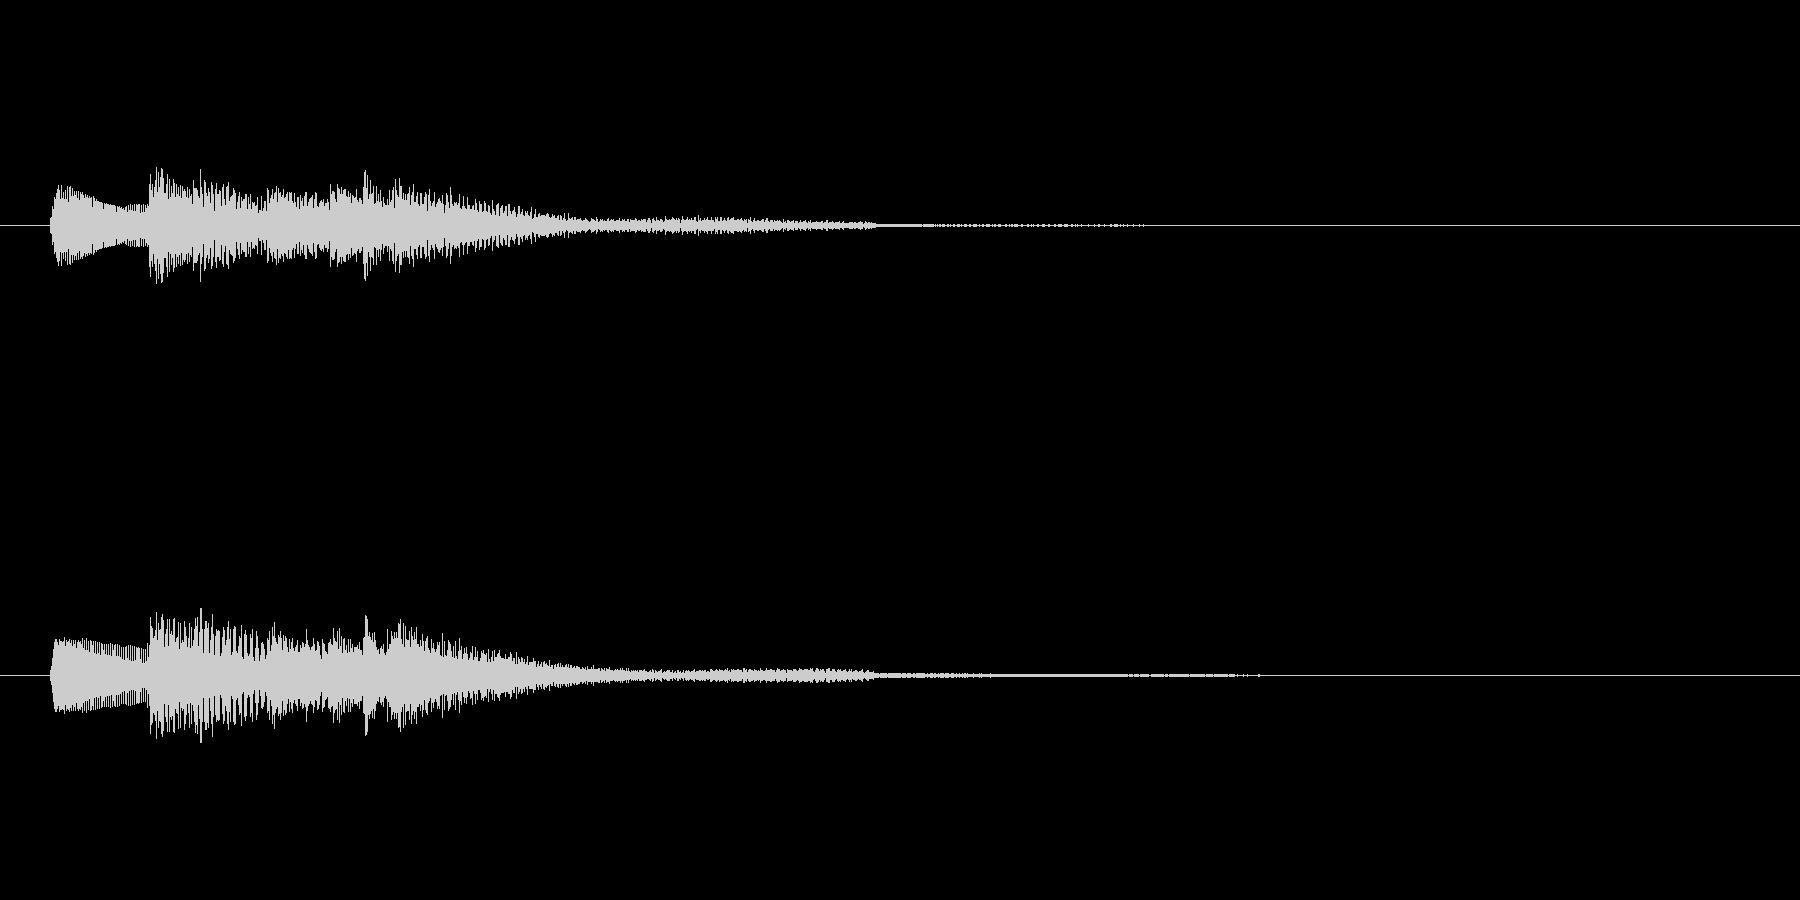 琴の上昇、グリッサンド、アルペジオの未再生の波形